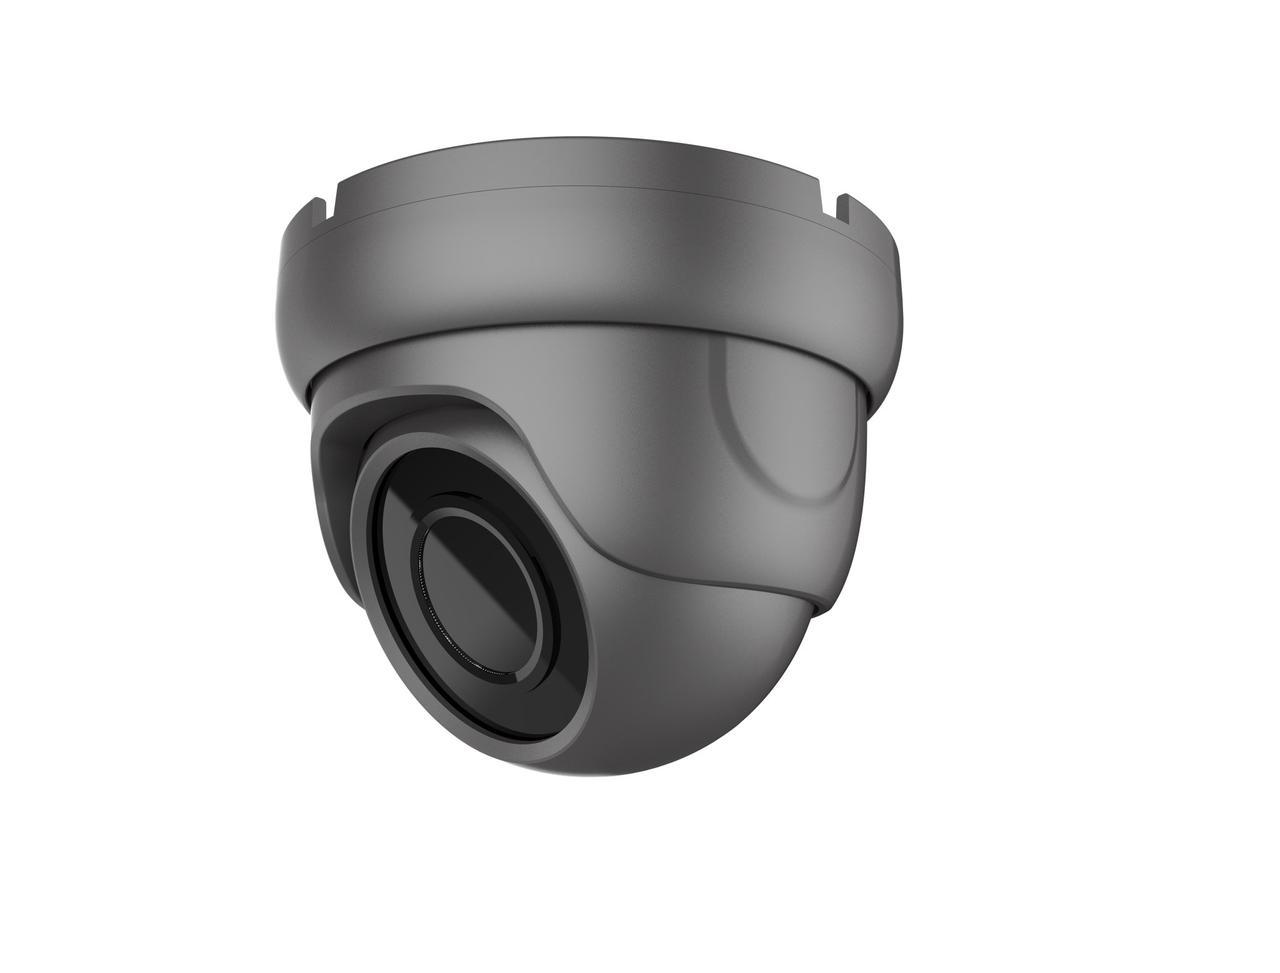 IP видеокамера 3 Мп уличная/внутренняя SEVEN IP-7212PA black (2,8)